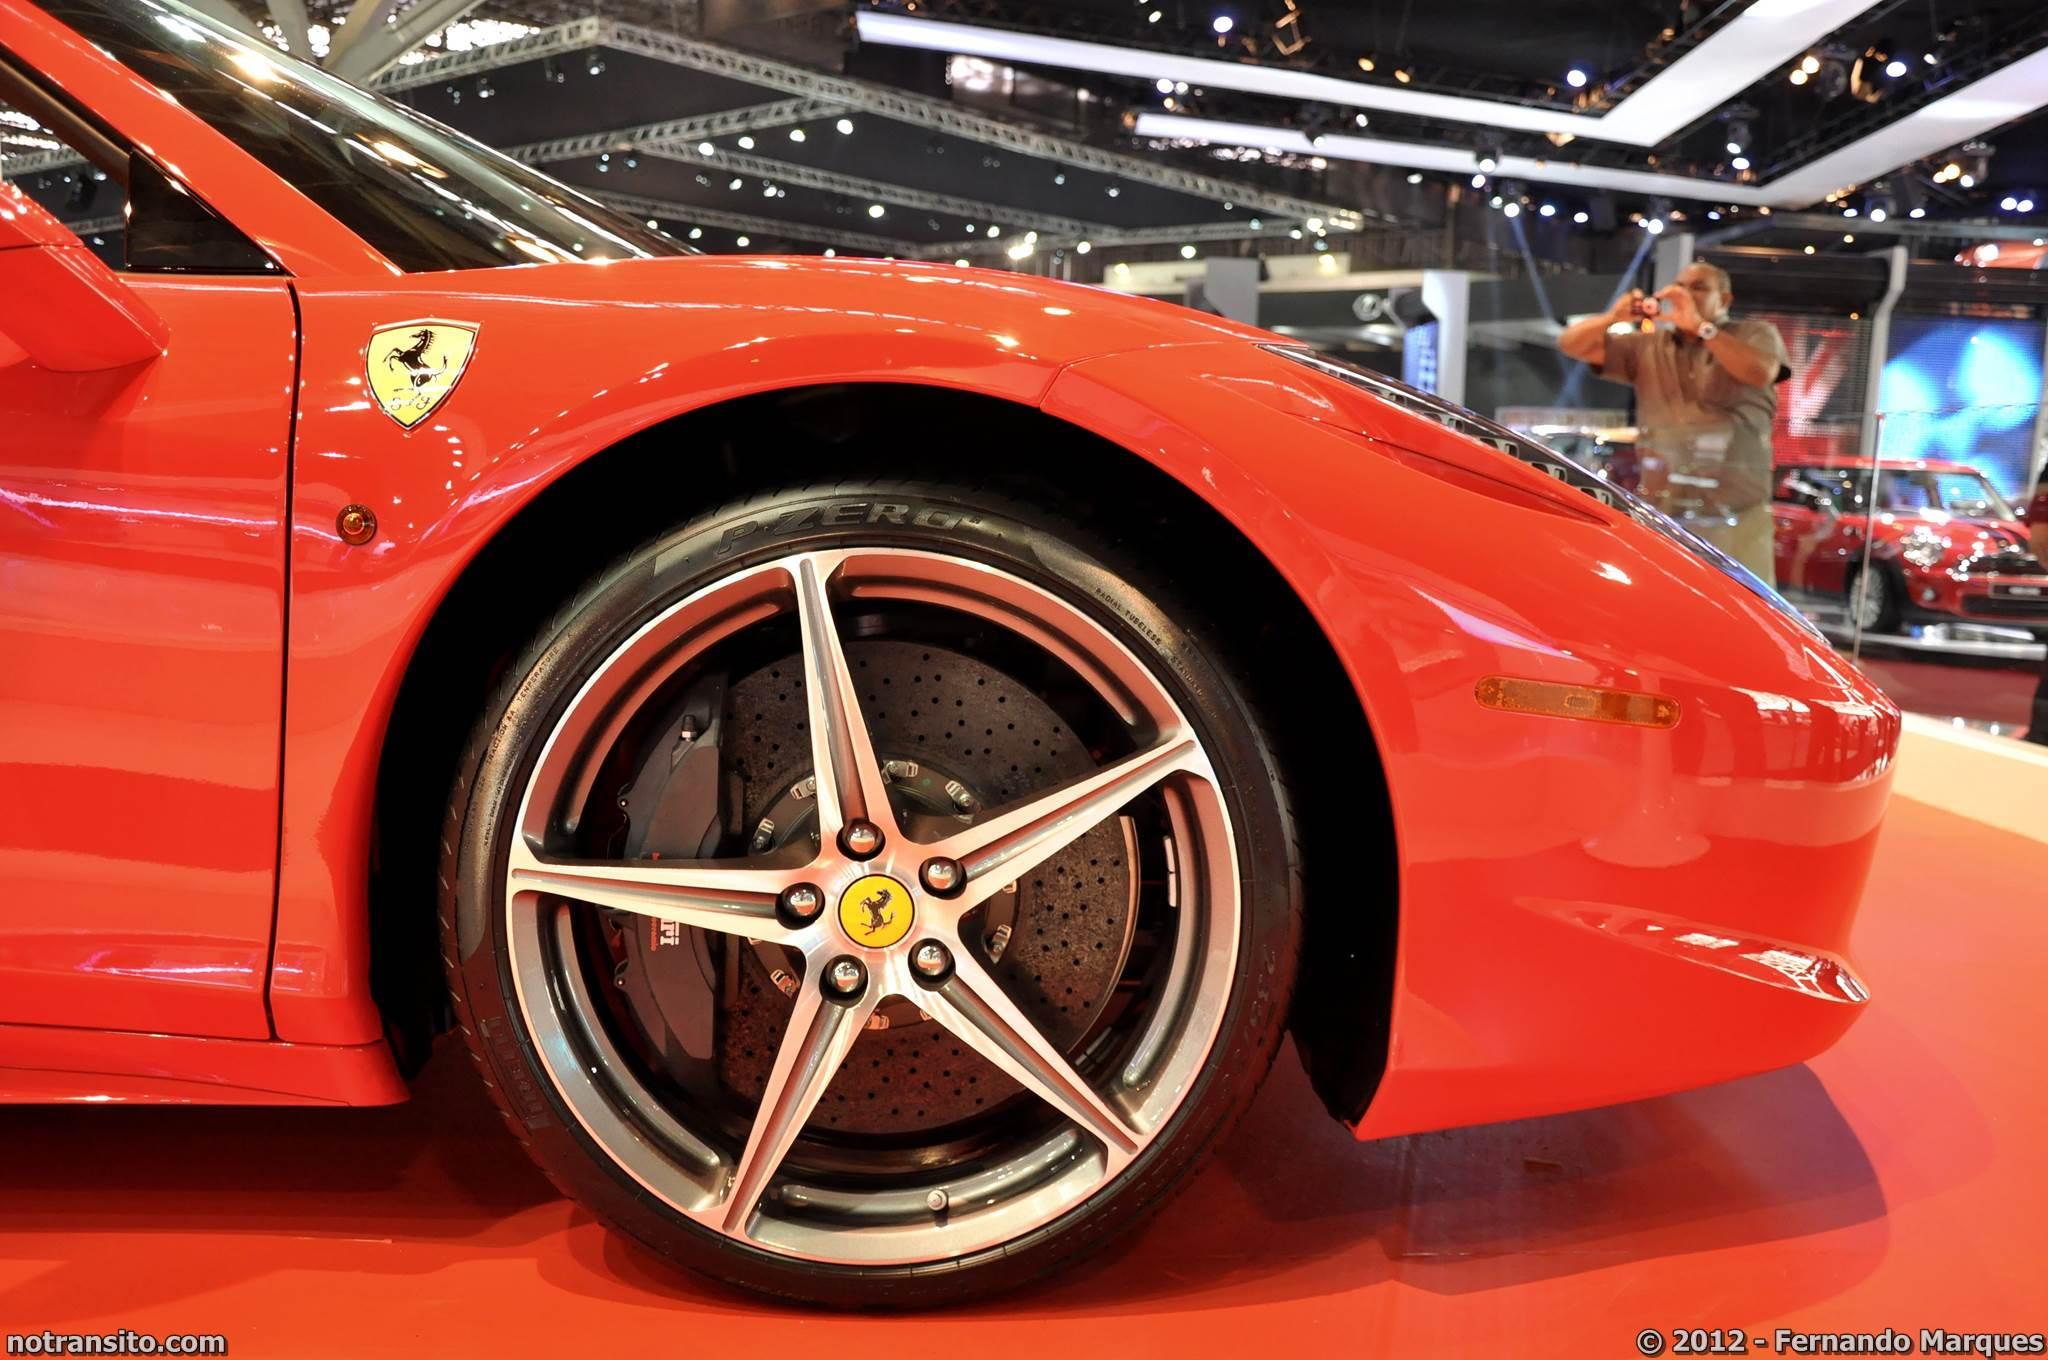 Salão do Automóvel de São Paulo 2012, 27º Salão do Automóvel de São Paulo, Ferrari 458 Spider